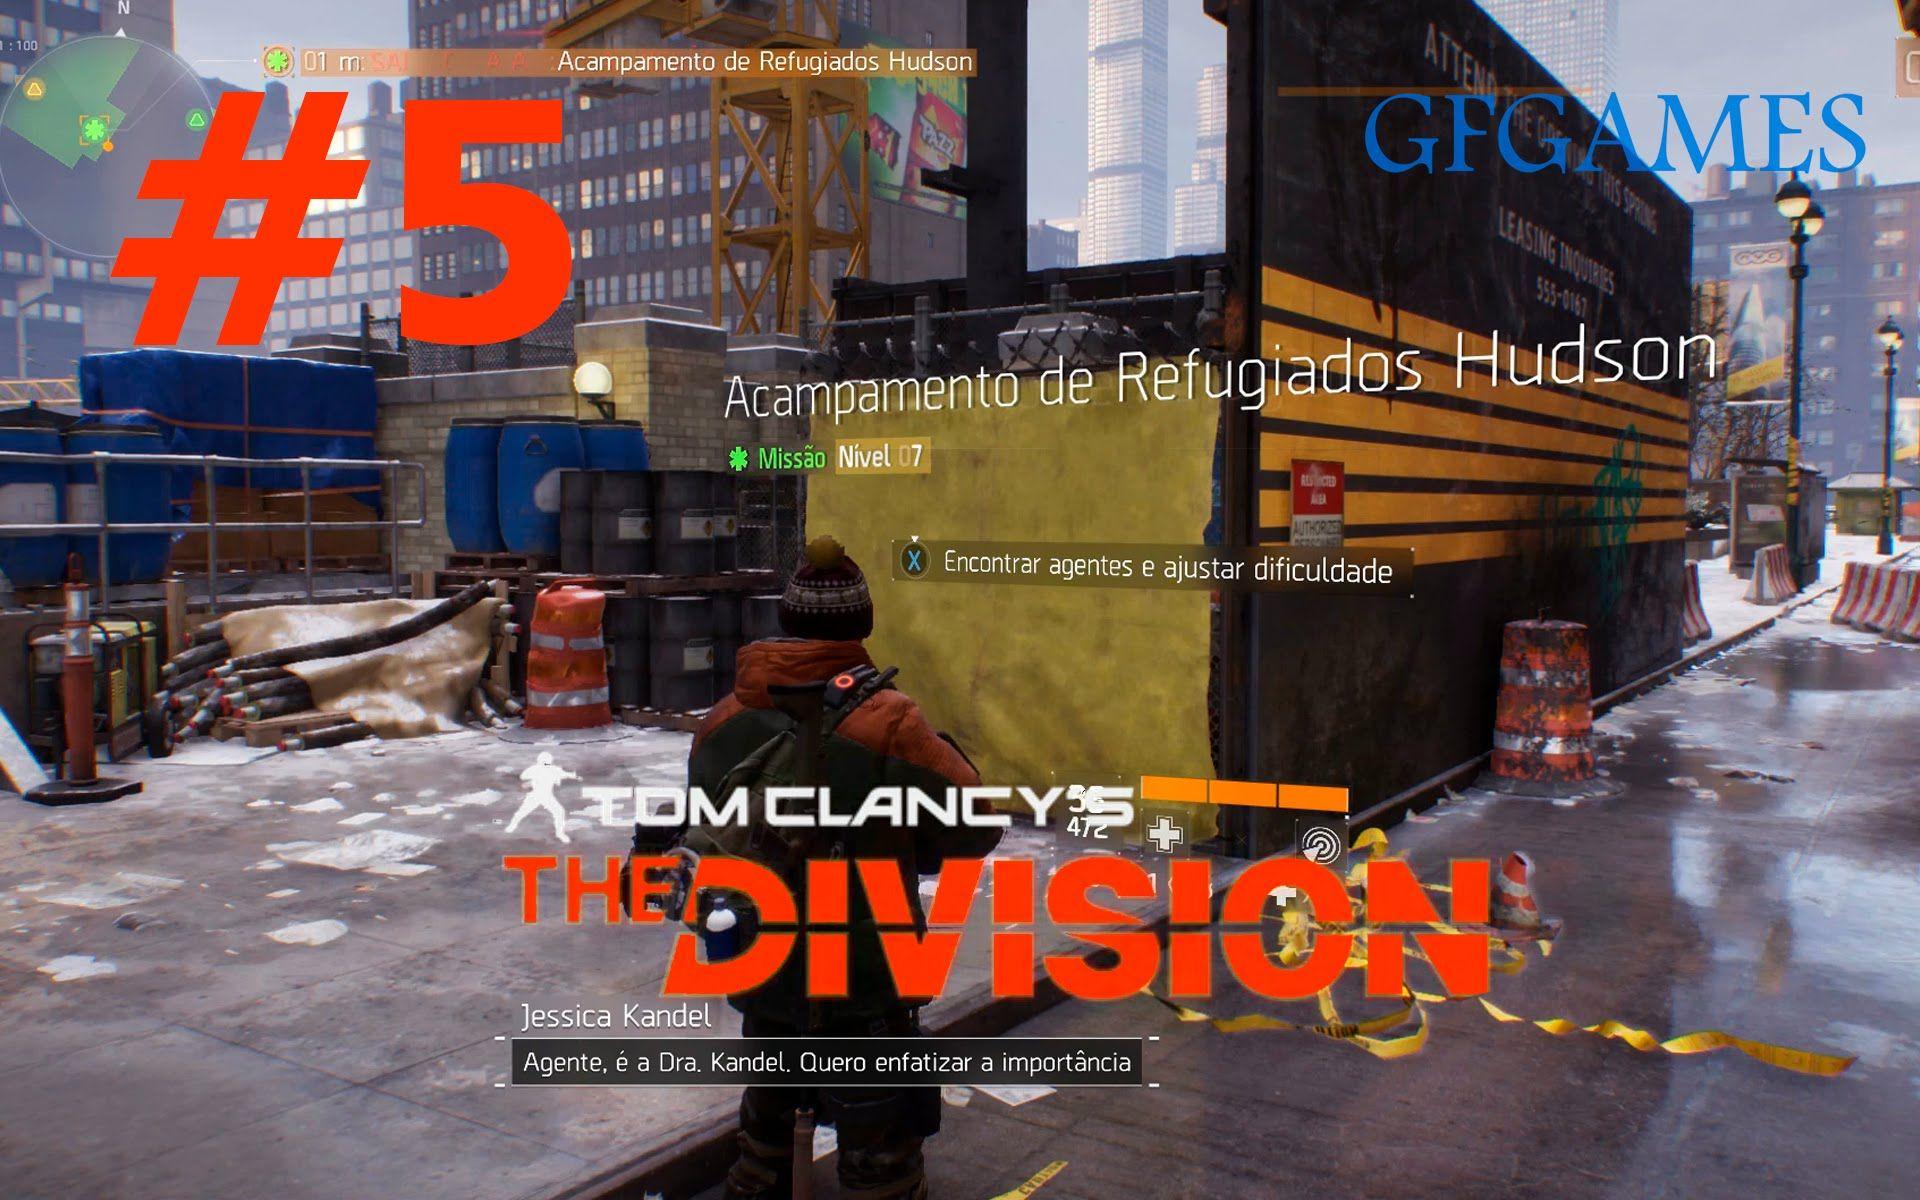 The Division #5 - Acampamento de Refugiados Hudson